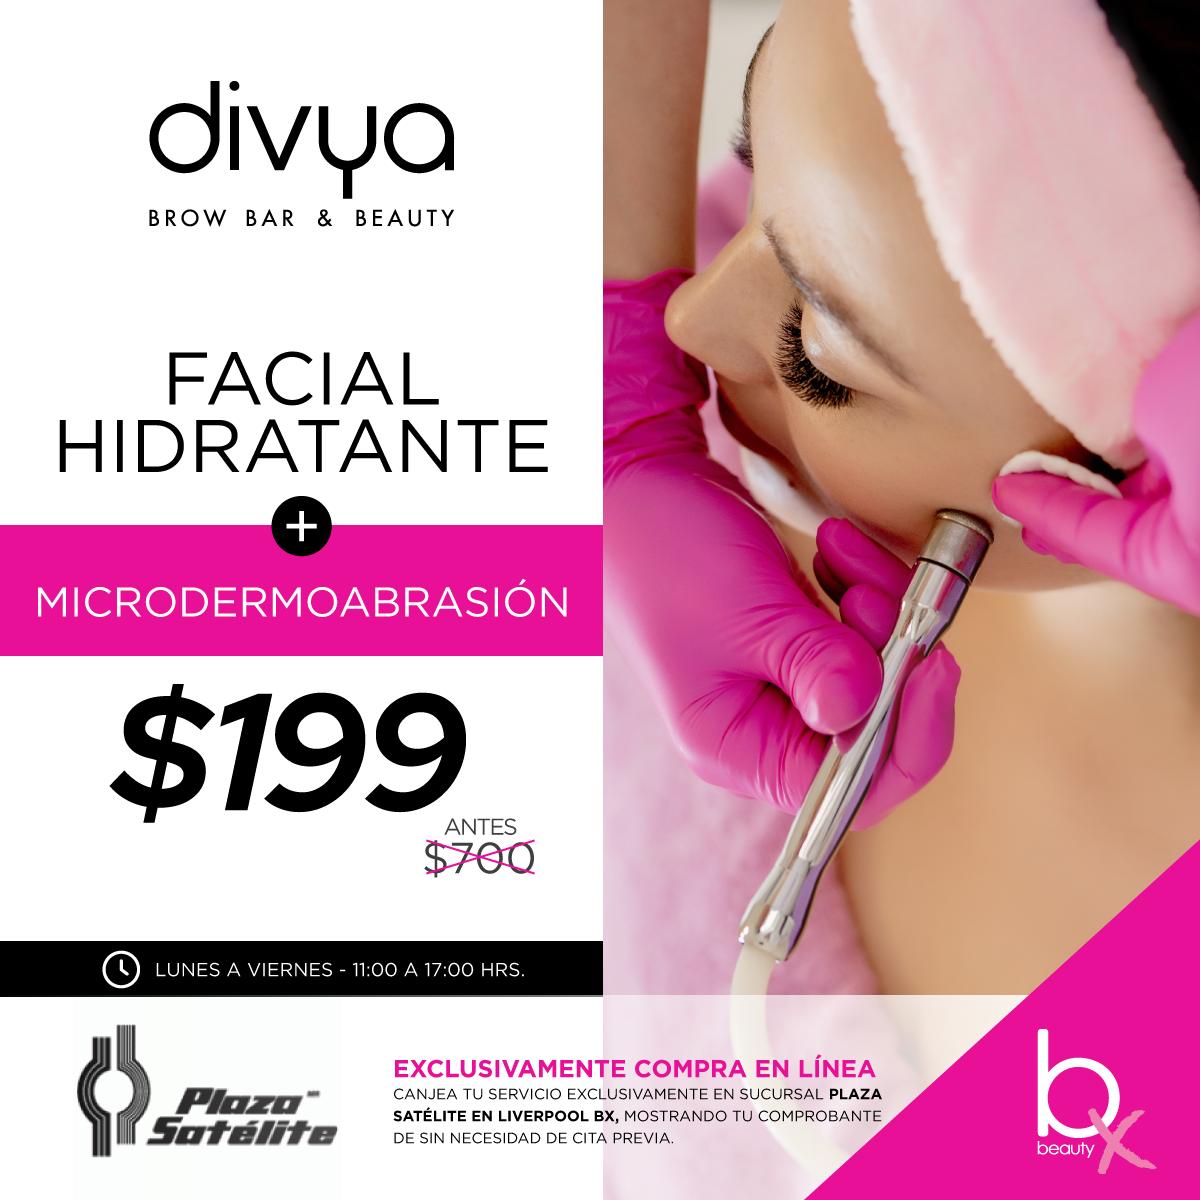 Facial Hidratante + Microdermoabrasión- SÓLO LIVERPOOL BX PLAZA SATÉLITE&w=900&h=900&fit=crop